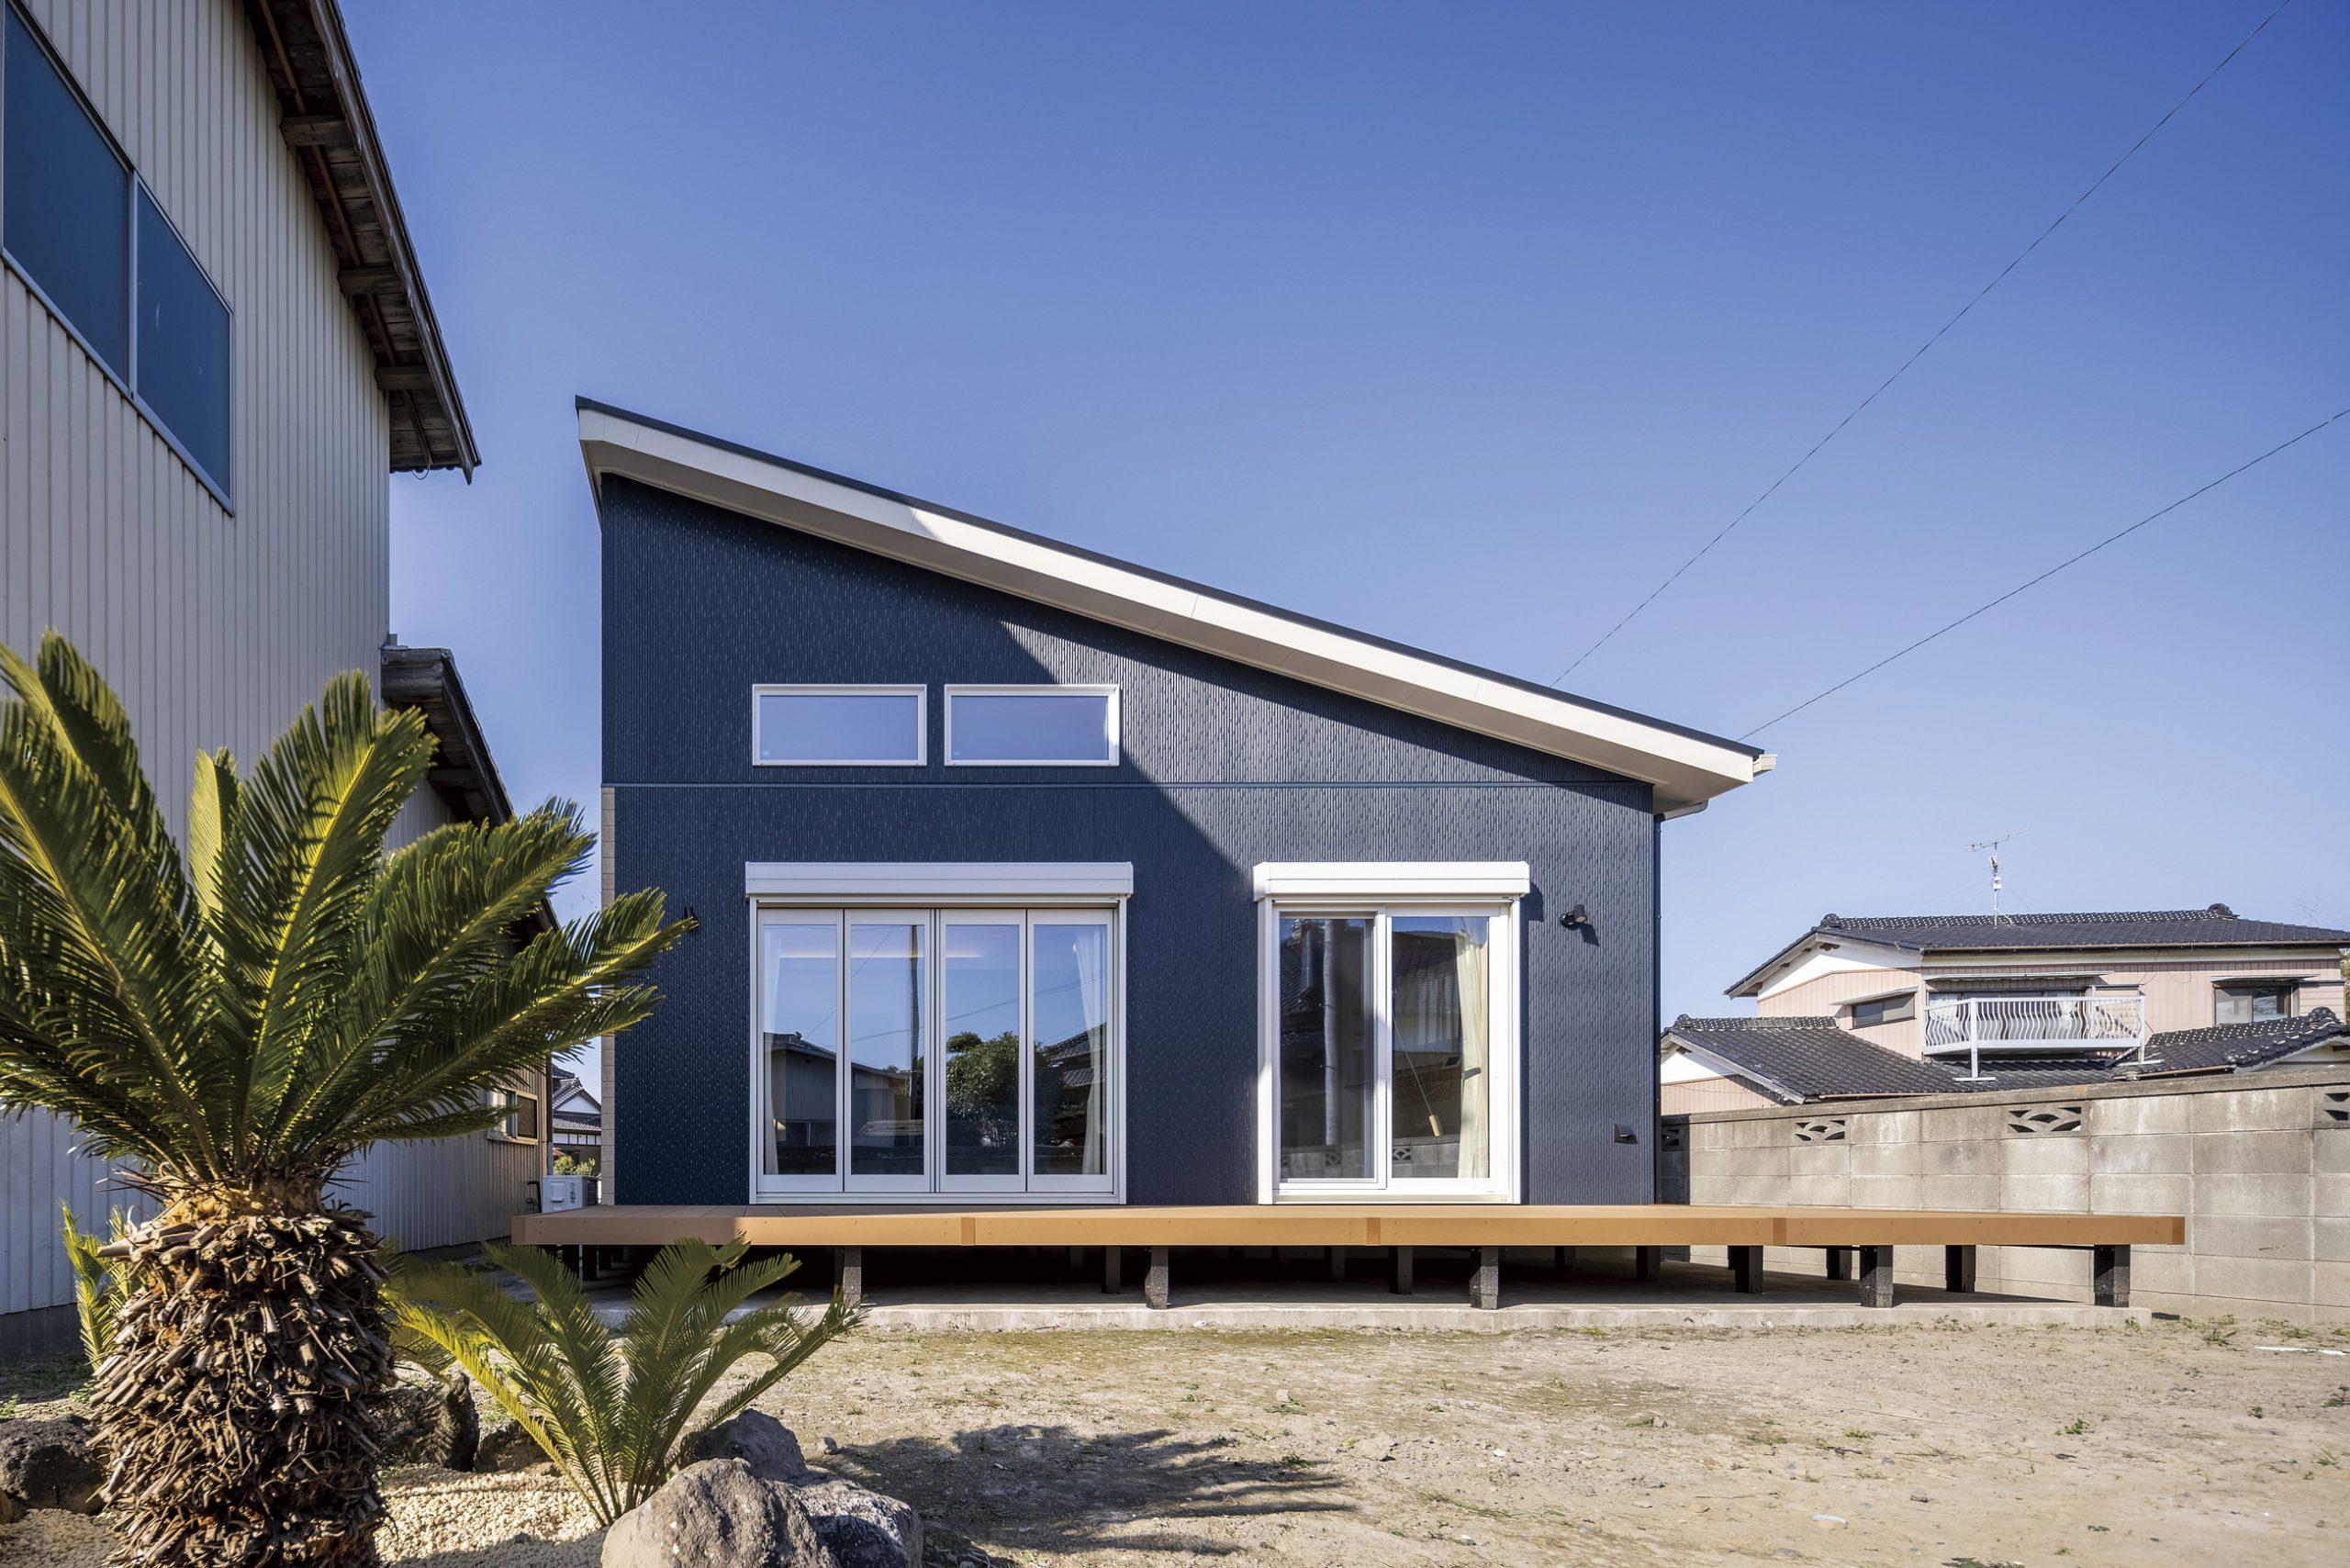 開放的なリビングにオシャレな空間、妥協せずに夢を叶えた平屋の家